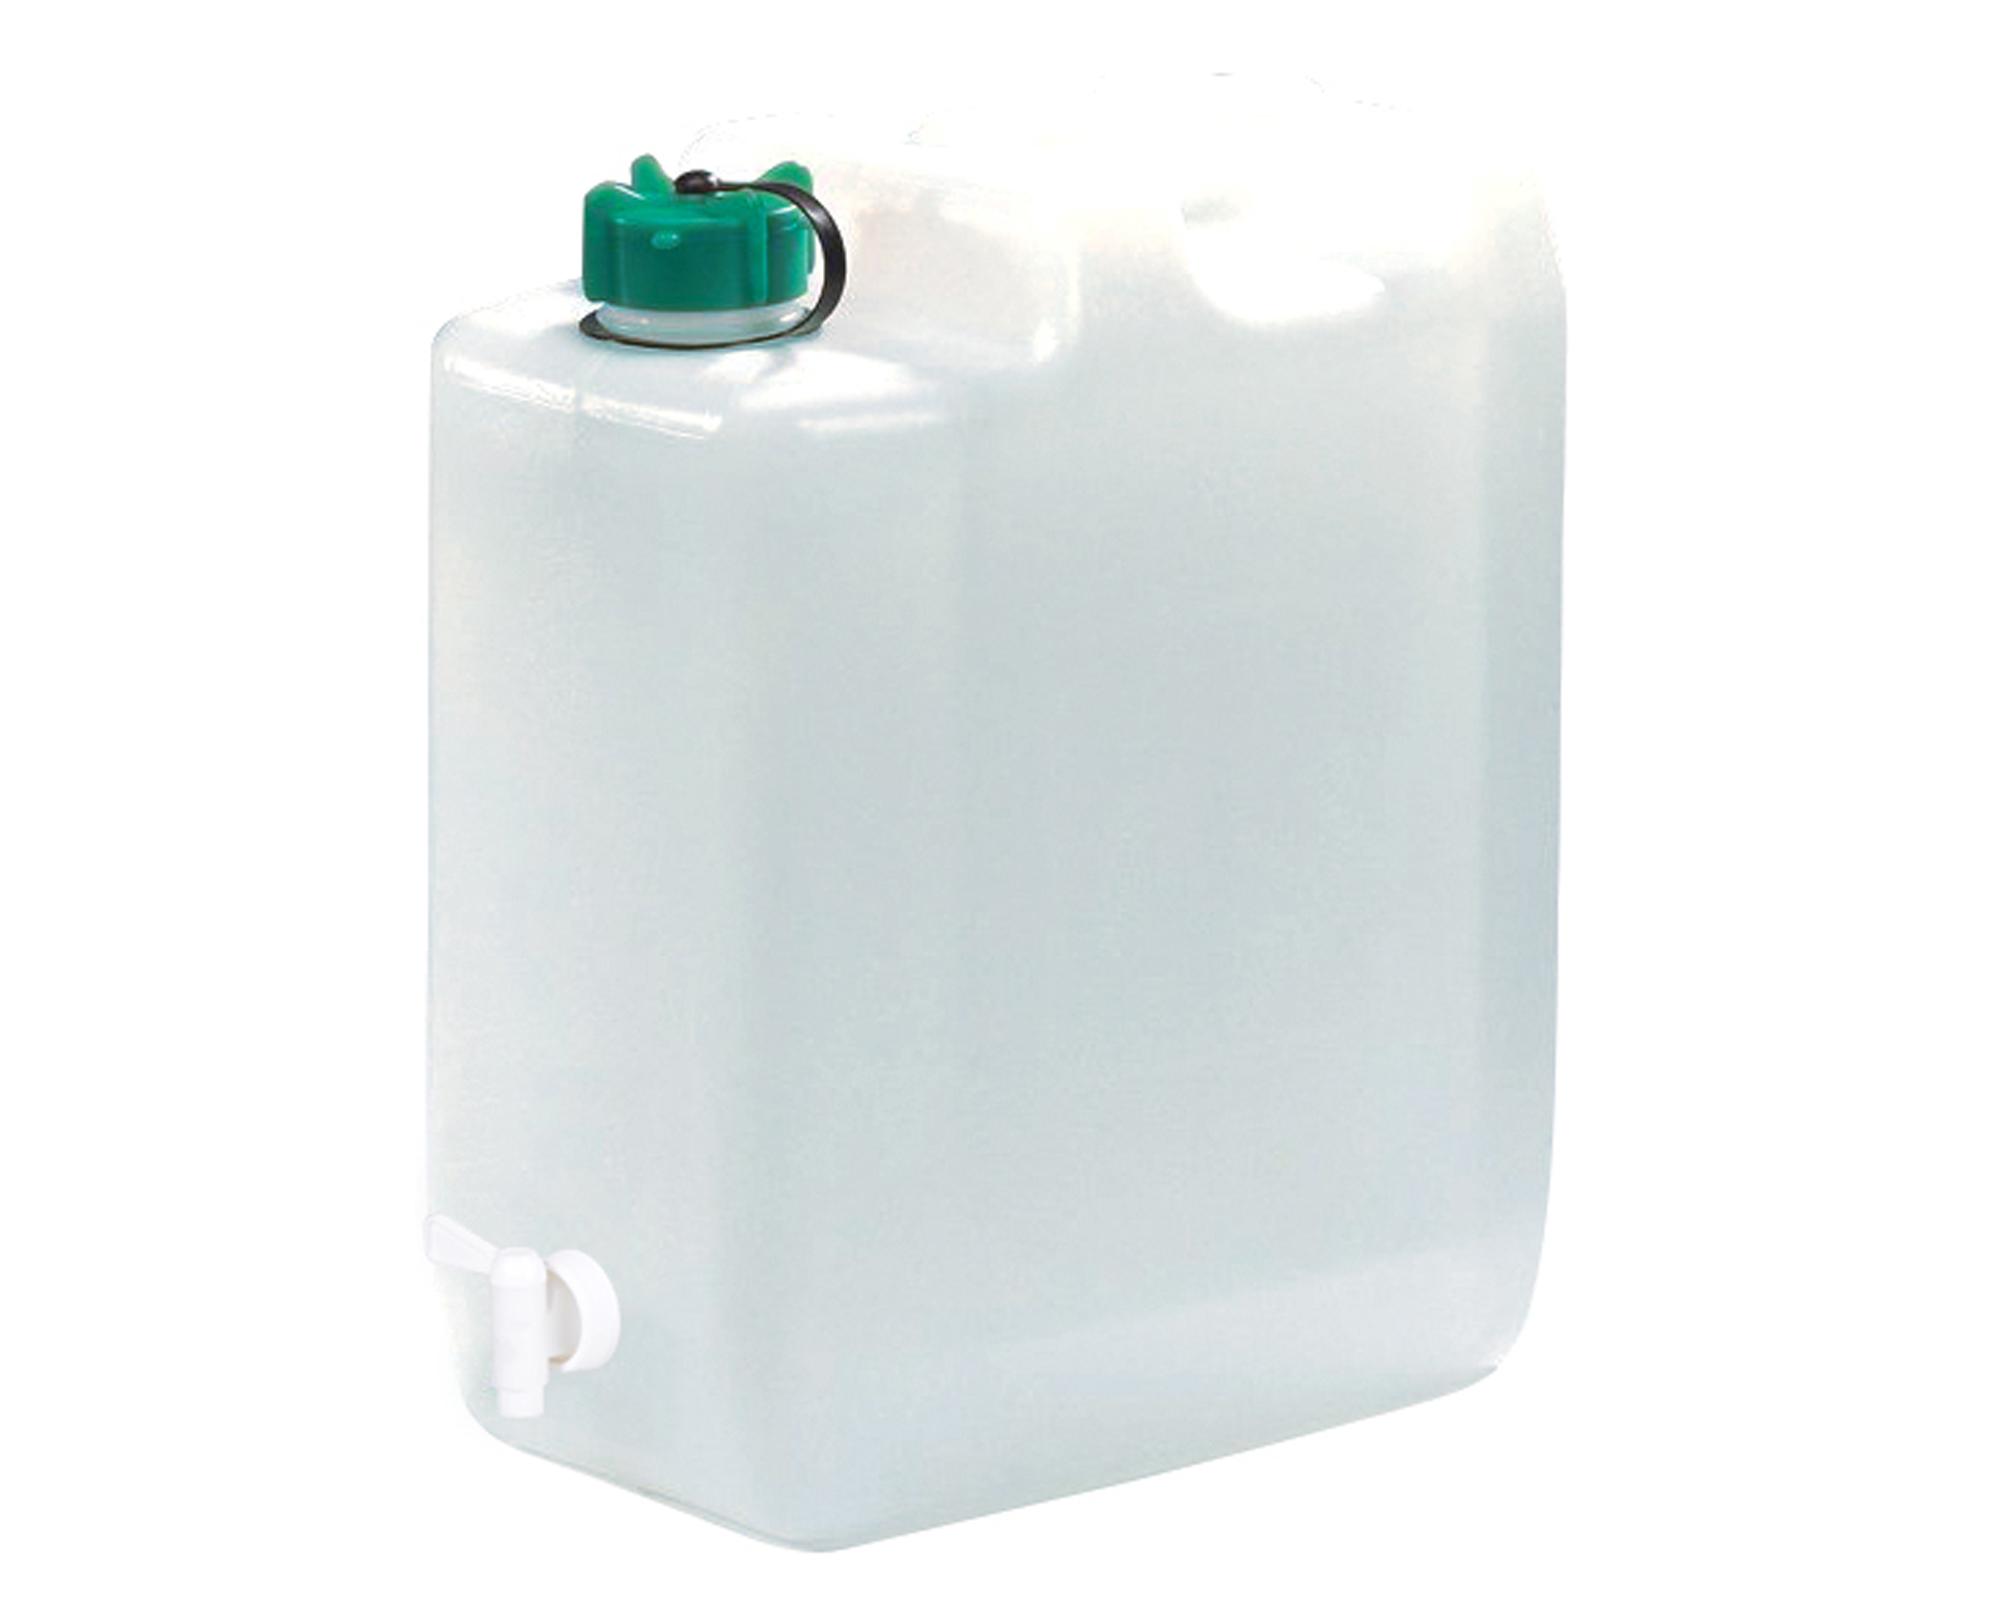 Ondis24 Wasserkanister Mit Hahn 35l Gunstig Online Kaufen